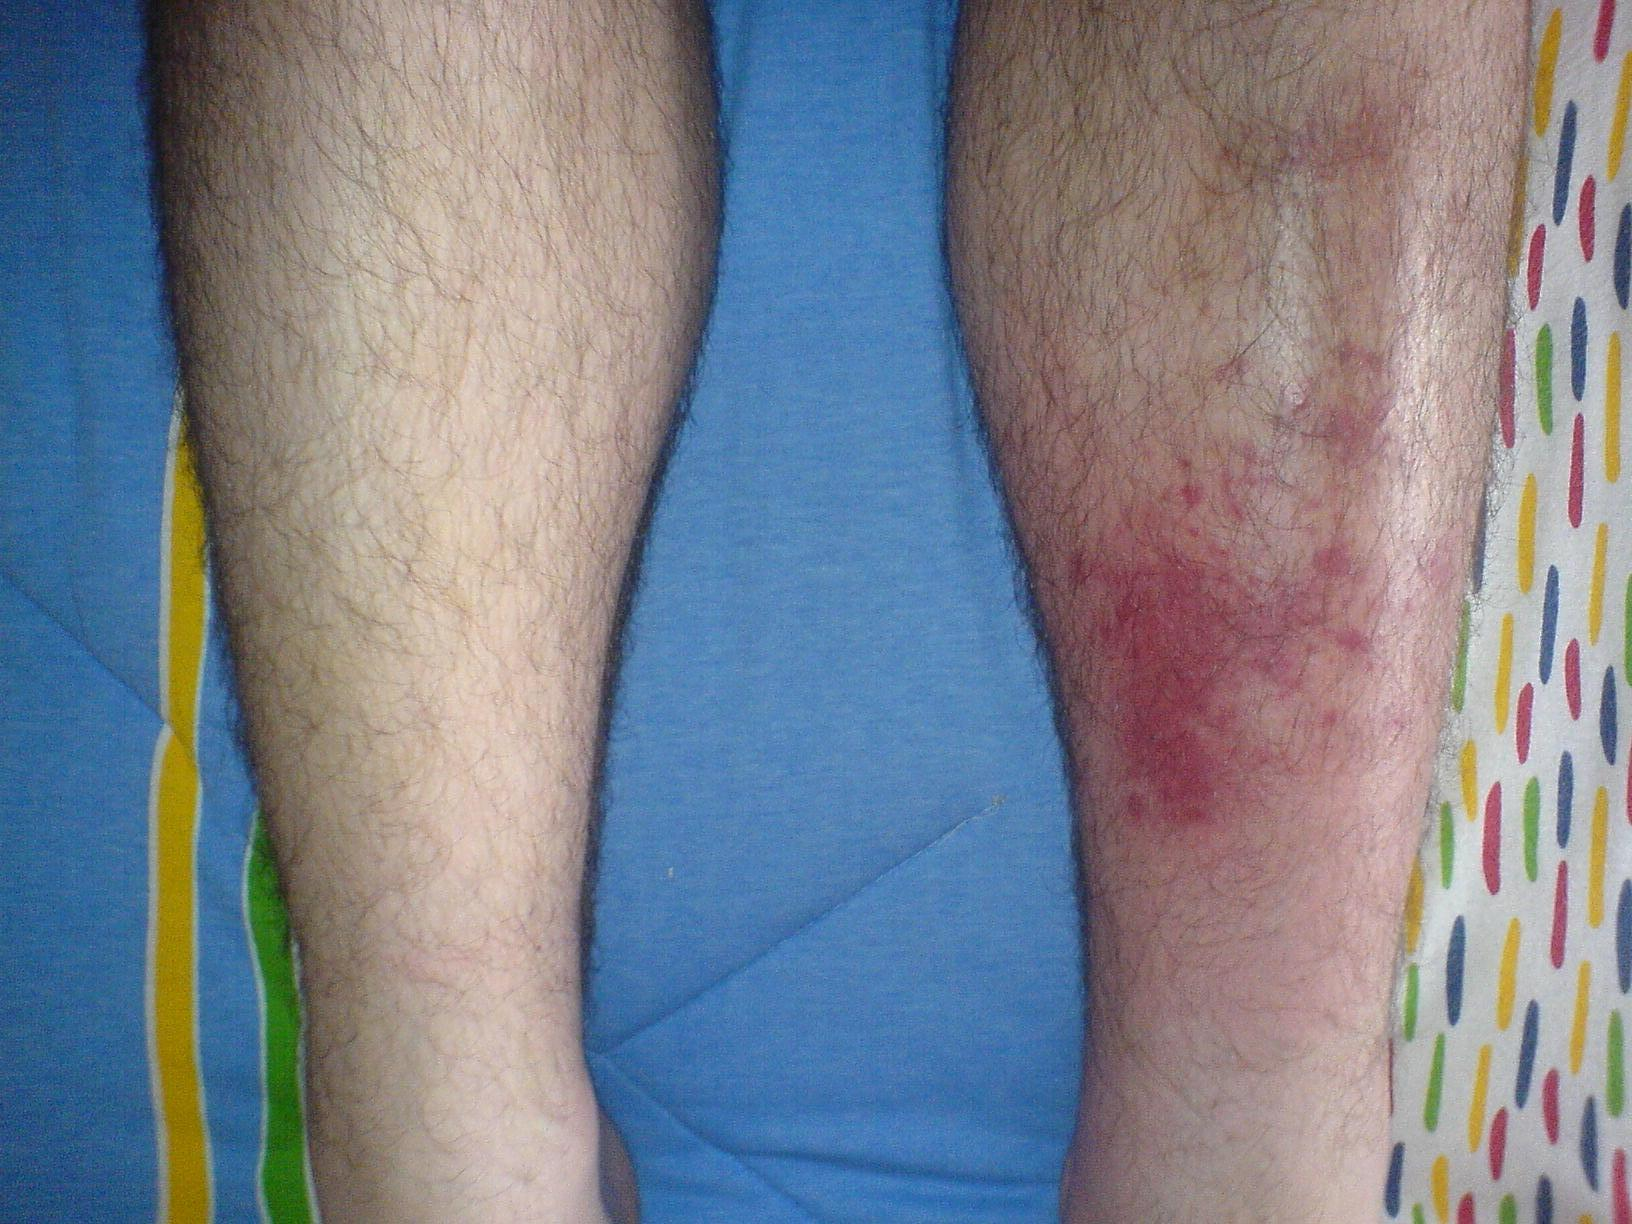 celulitis infecciosa en la pierna parte trasera